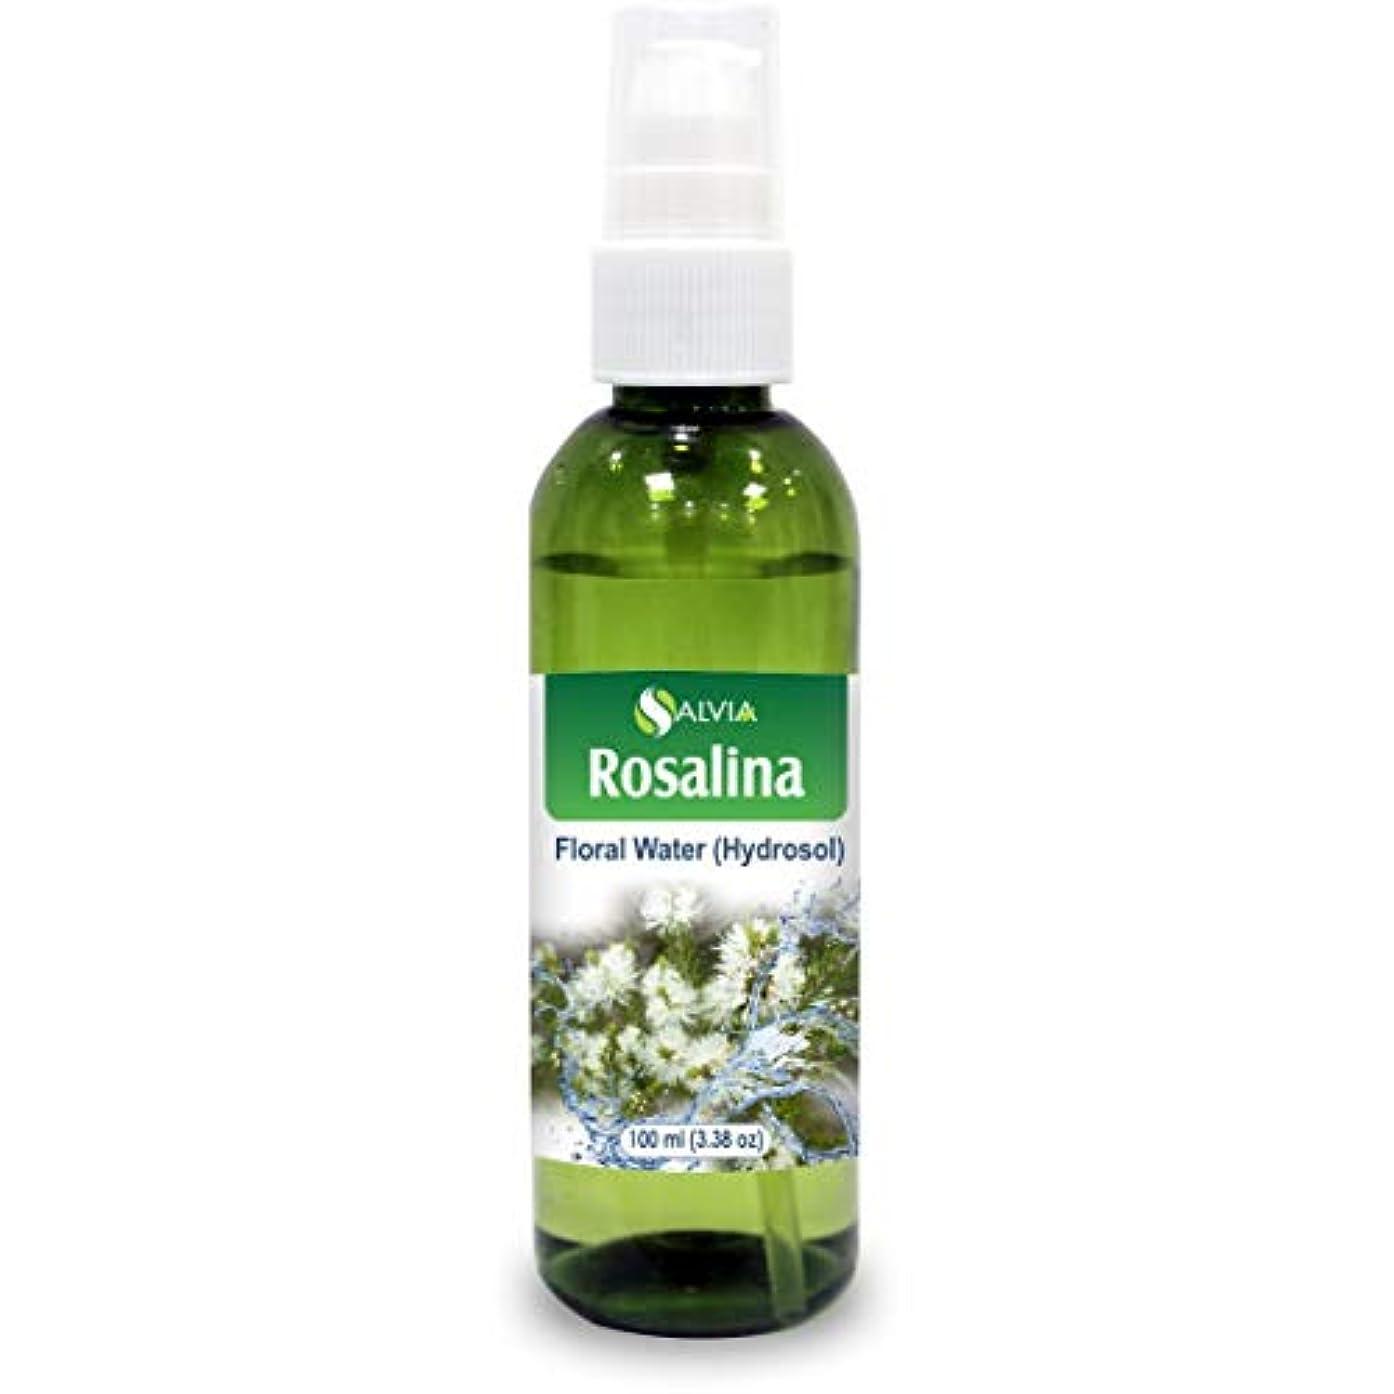 揺れる数字三Rosalina Oil Floral Water 100ml (Hydrosol) 100% Pure And Natural